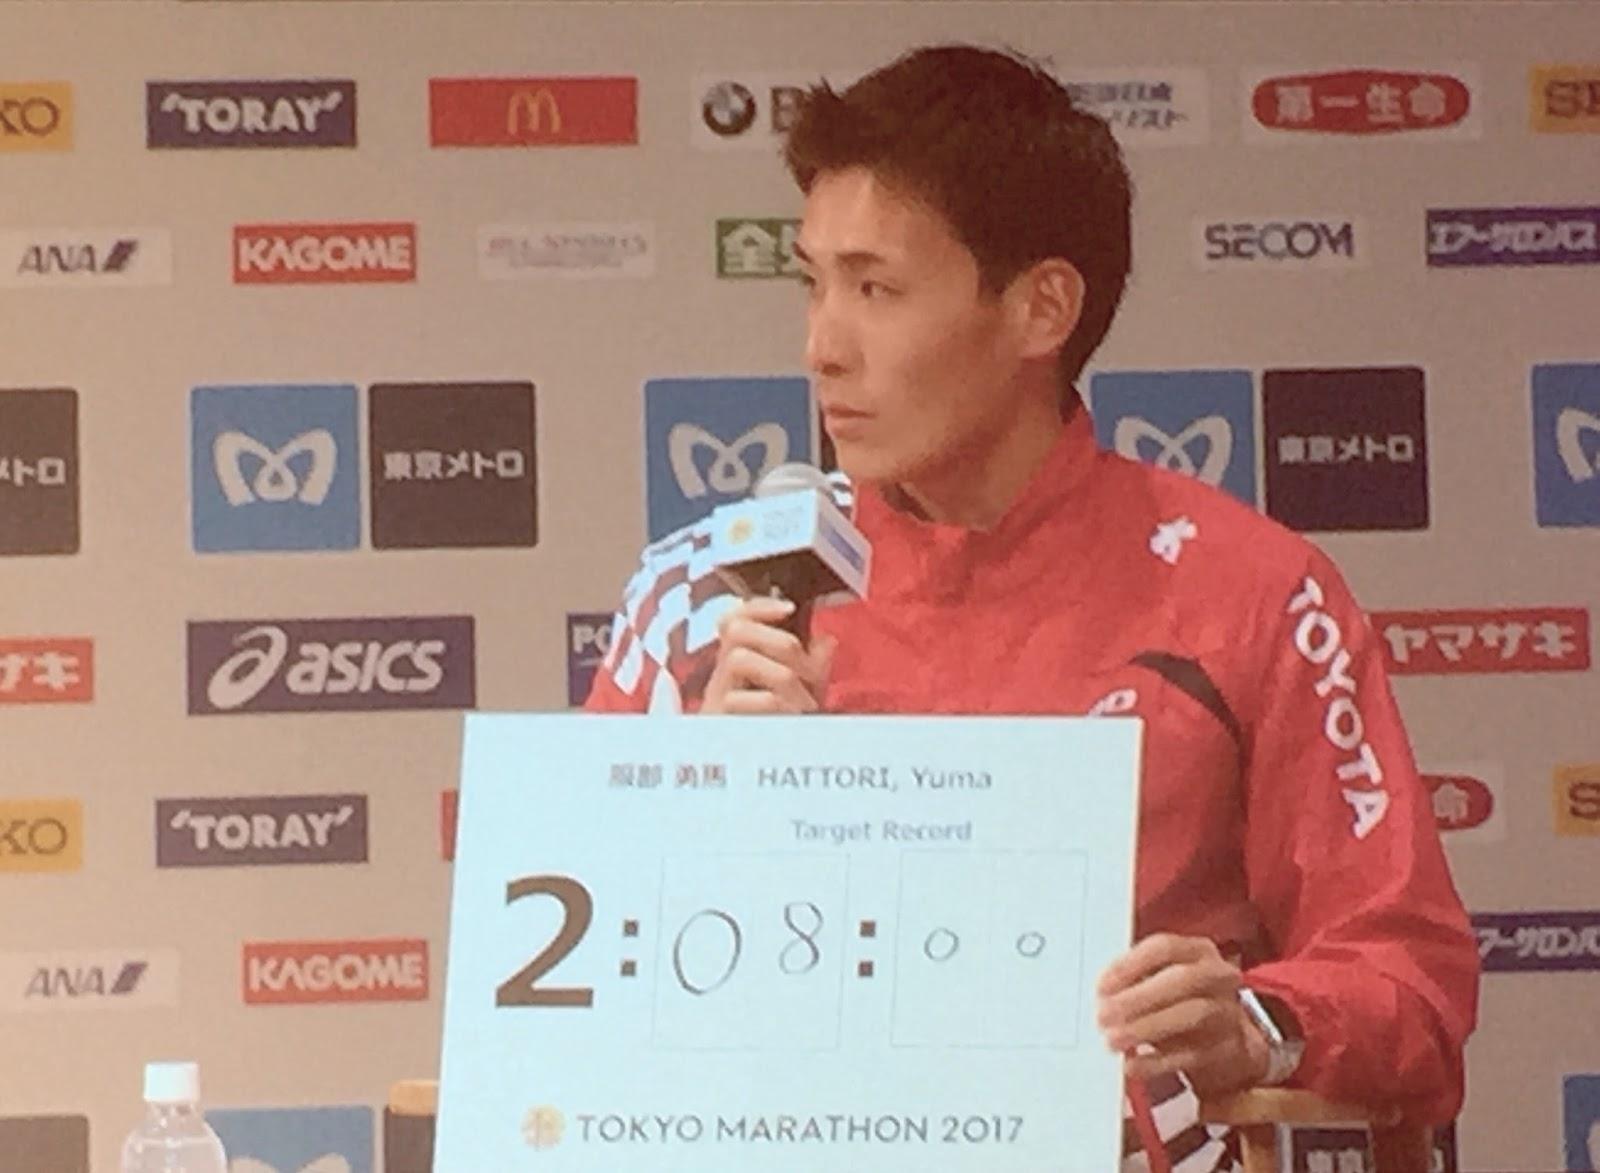 kipsang predicts 2:02:50 - tokyo marathon preview